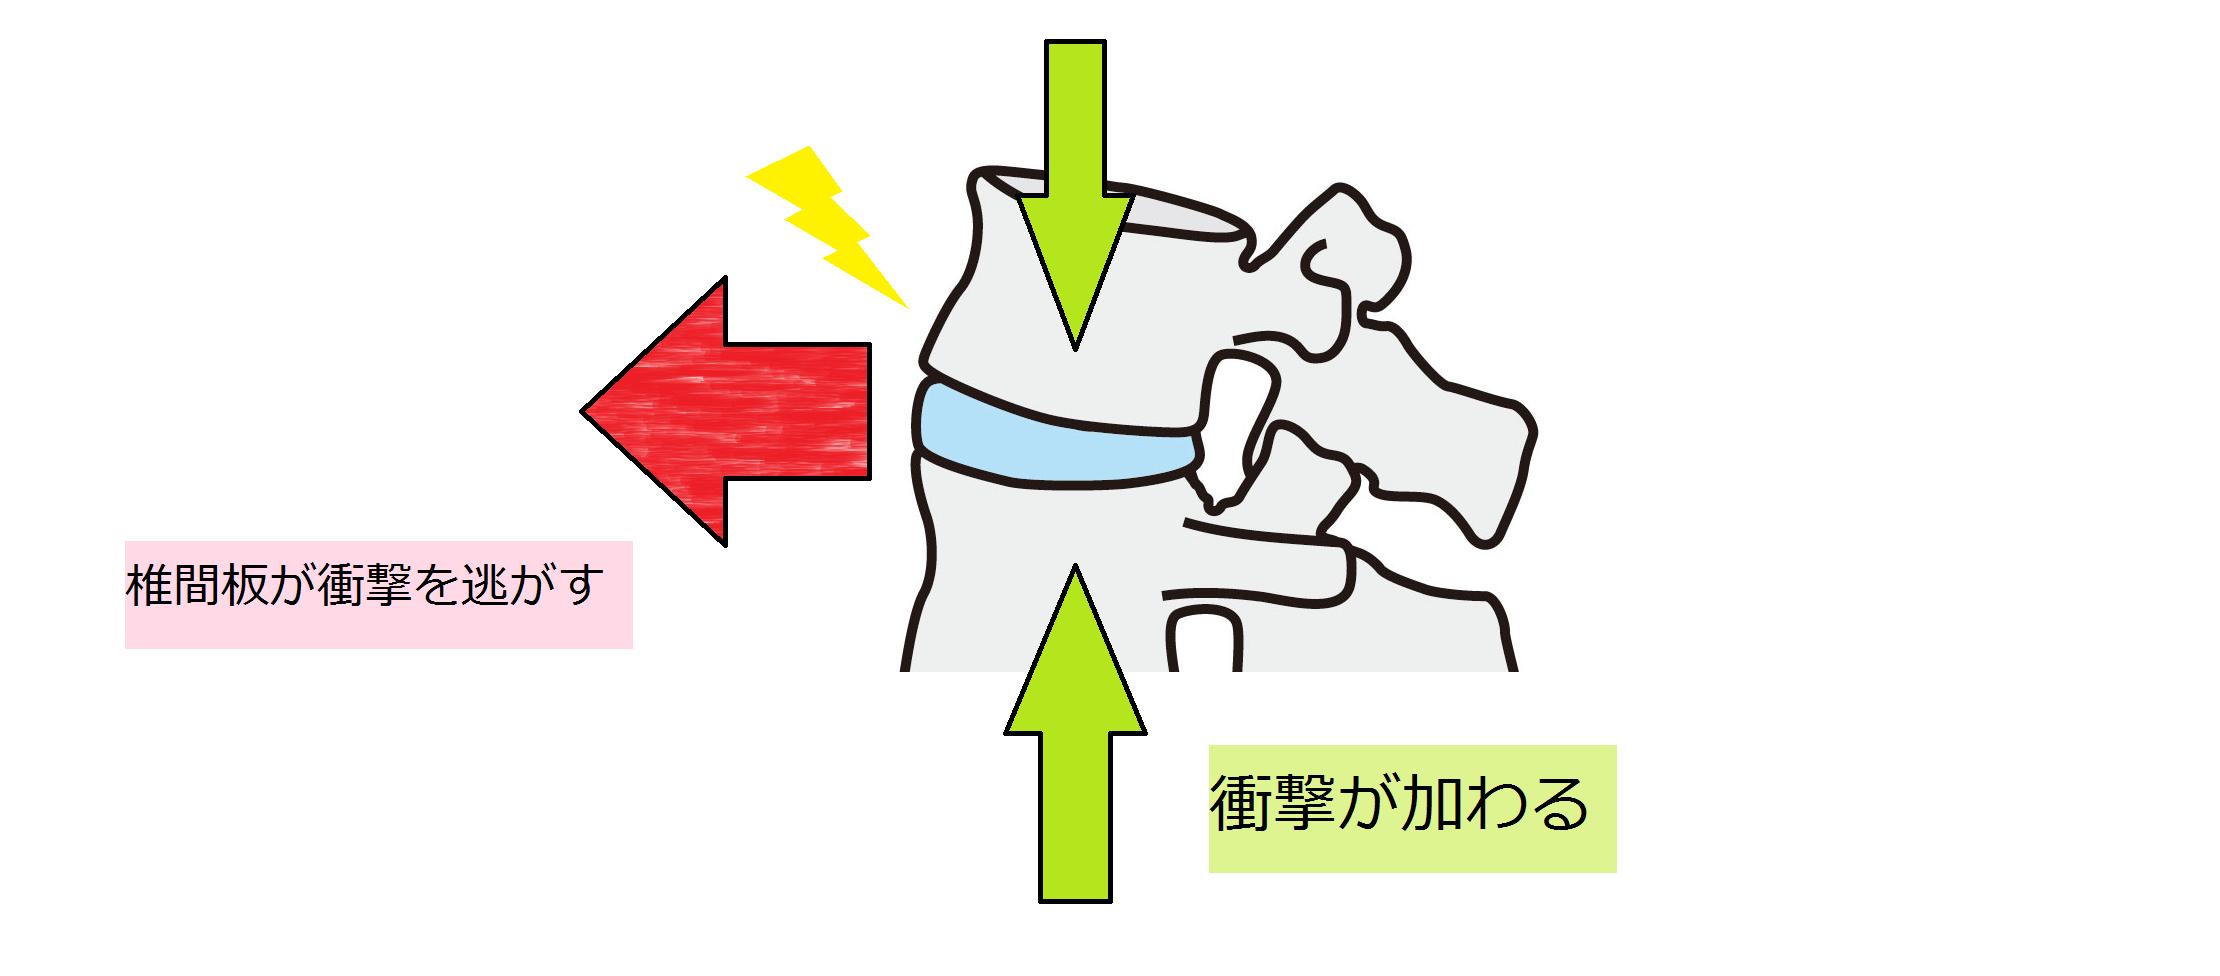 椎間板が衝撃を逃がす図